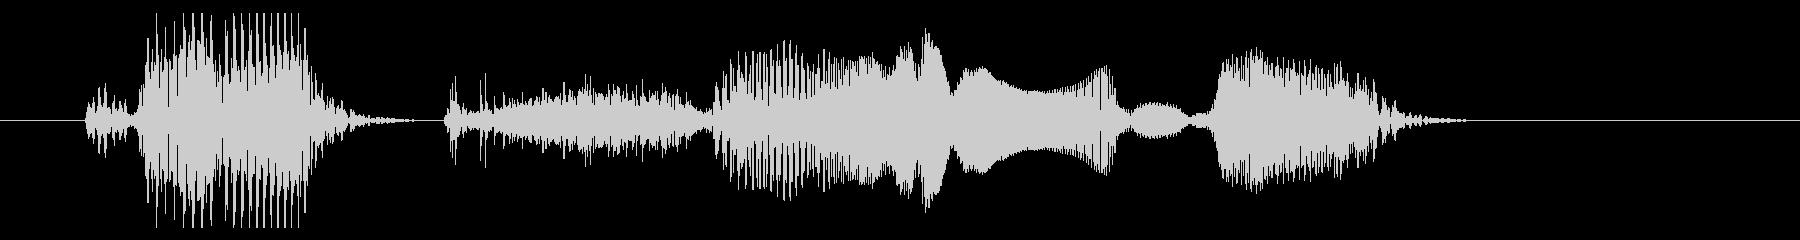 動画用面白声素材_ごきゅり_1の未再生の波形